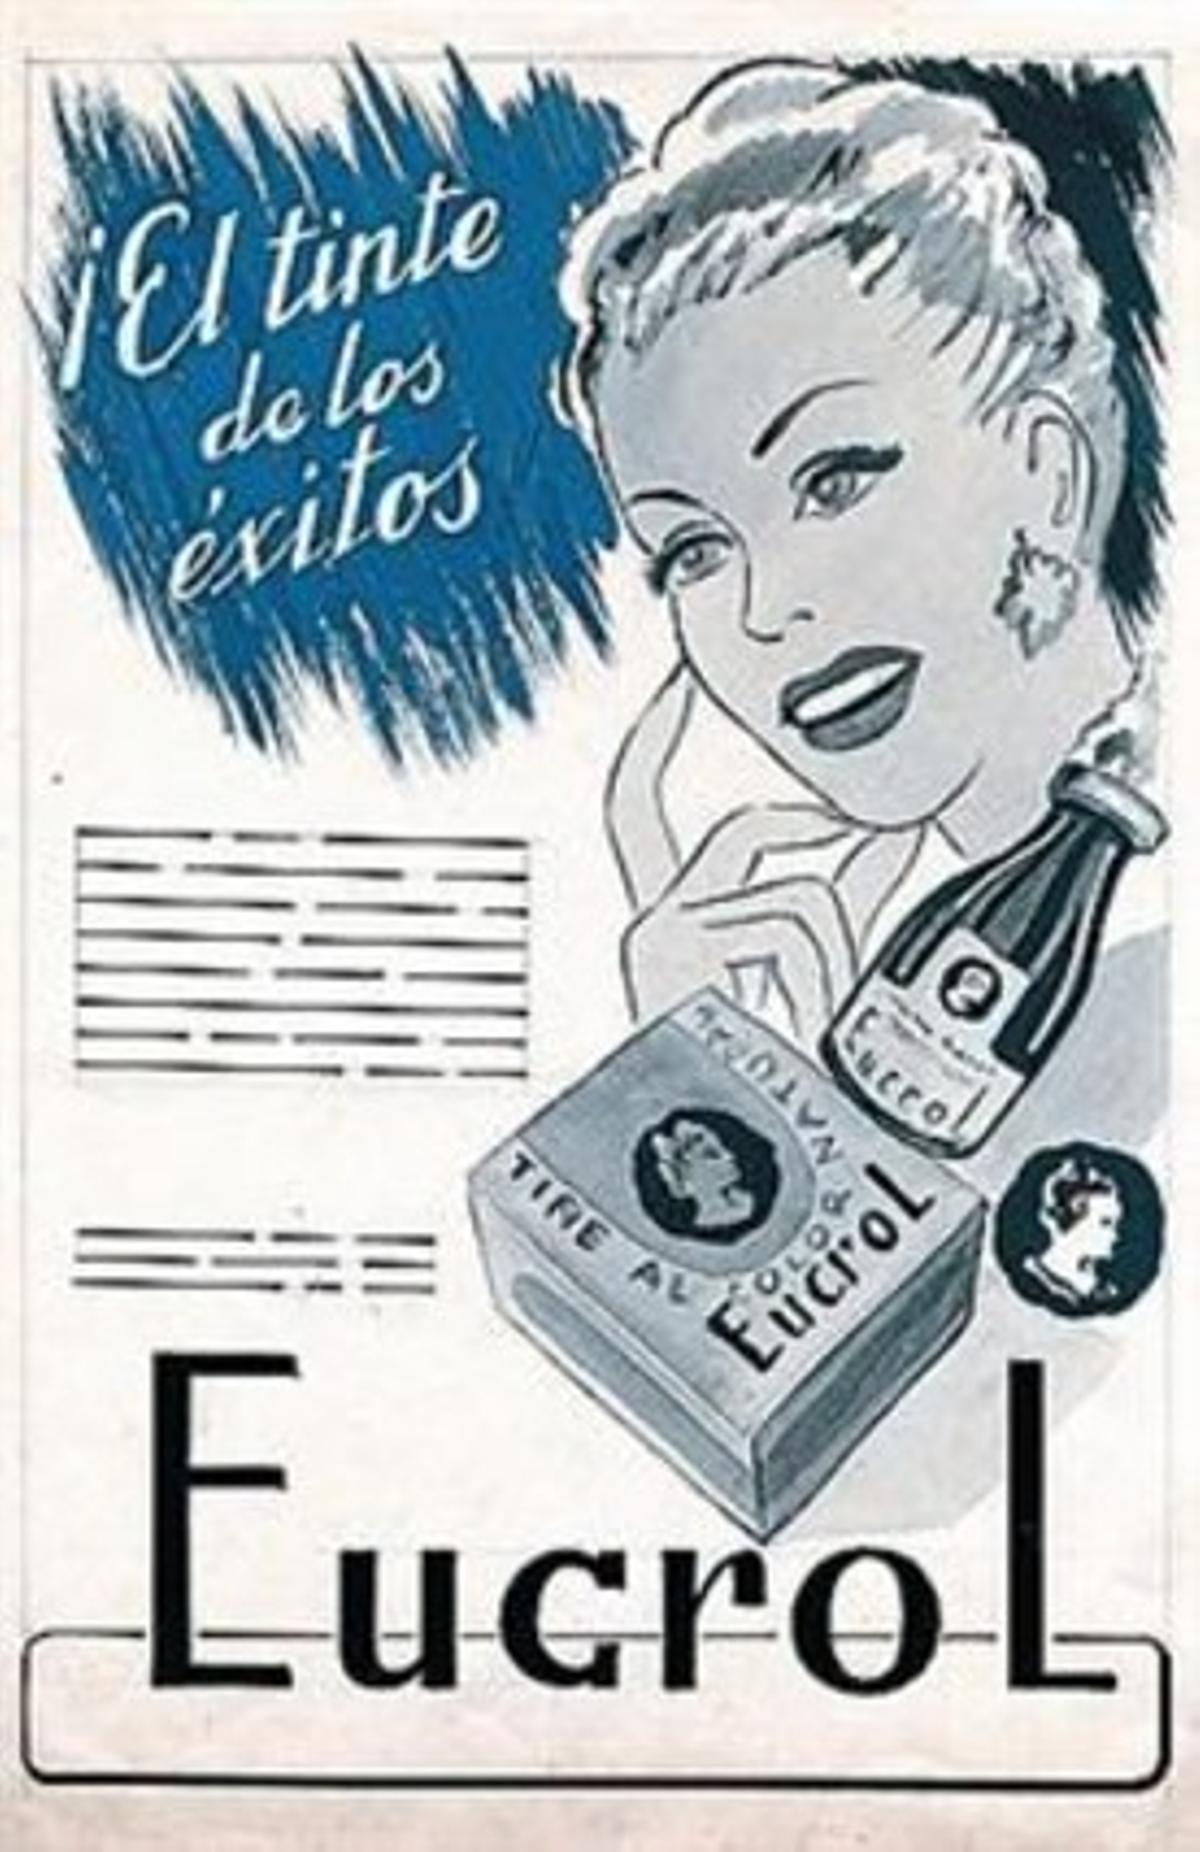 Retrato de Rafael Roldós Viñolas. A la derecha, caravana publicitaria de Nestlé en el Turó Park en 1927.